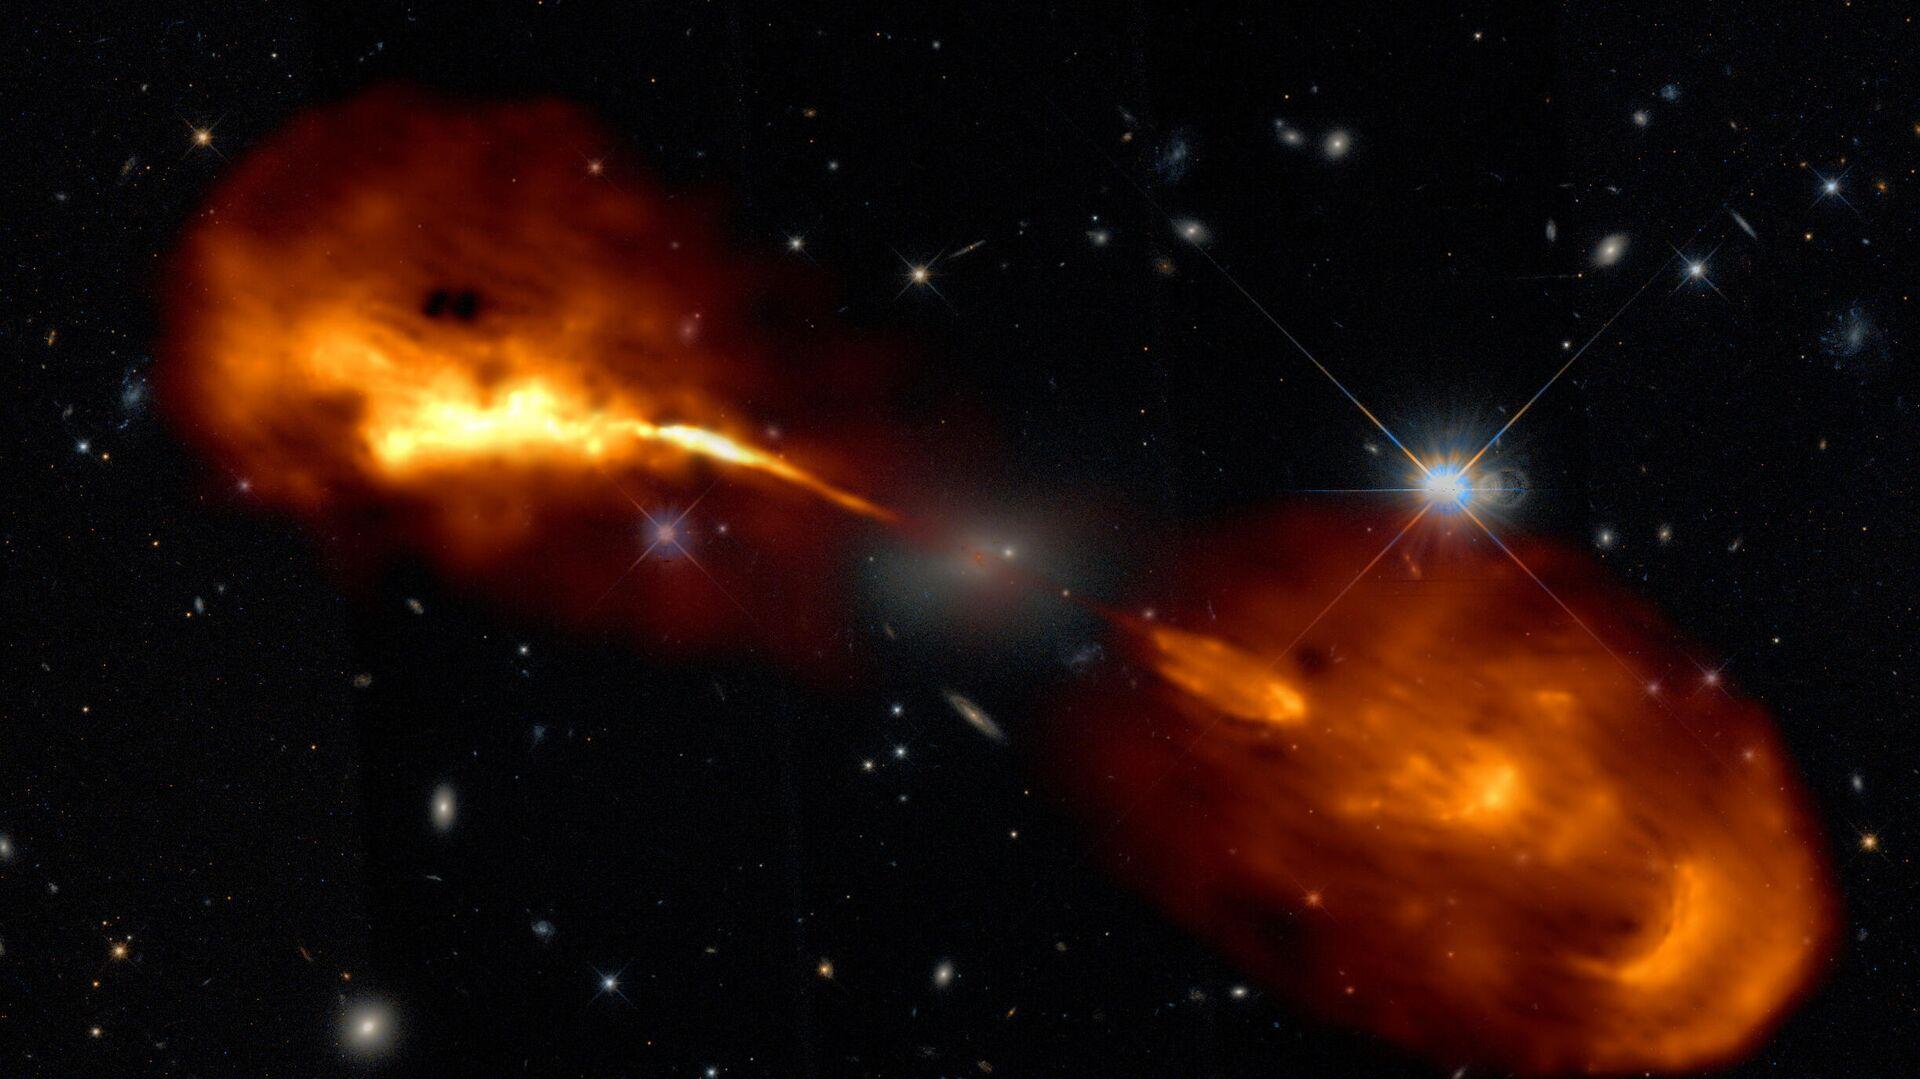 Galaxia Hercules A con agujero negro en el centro - Sputnik Mundo, 1920, 19.08.2021